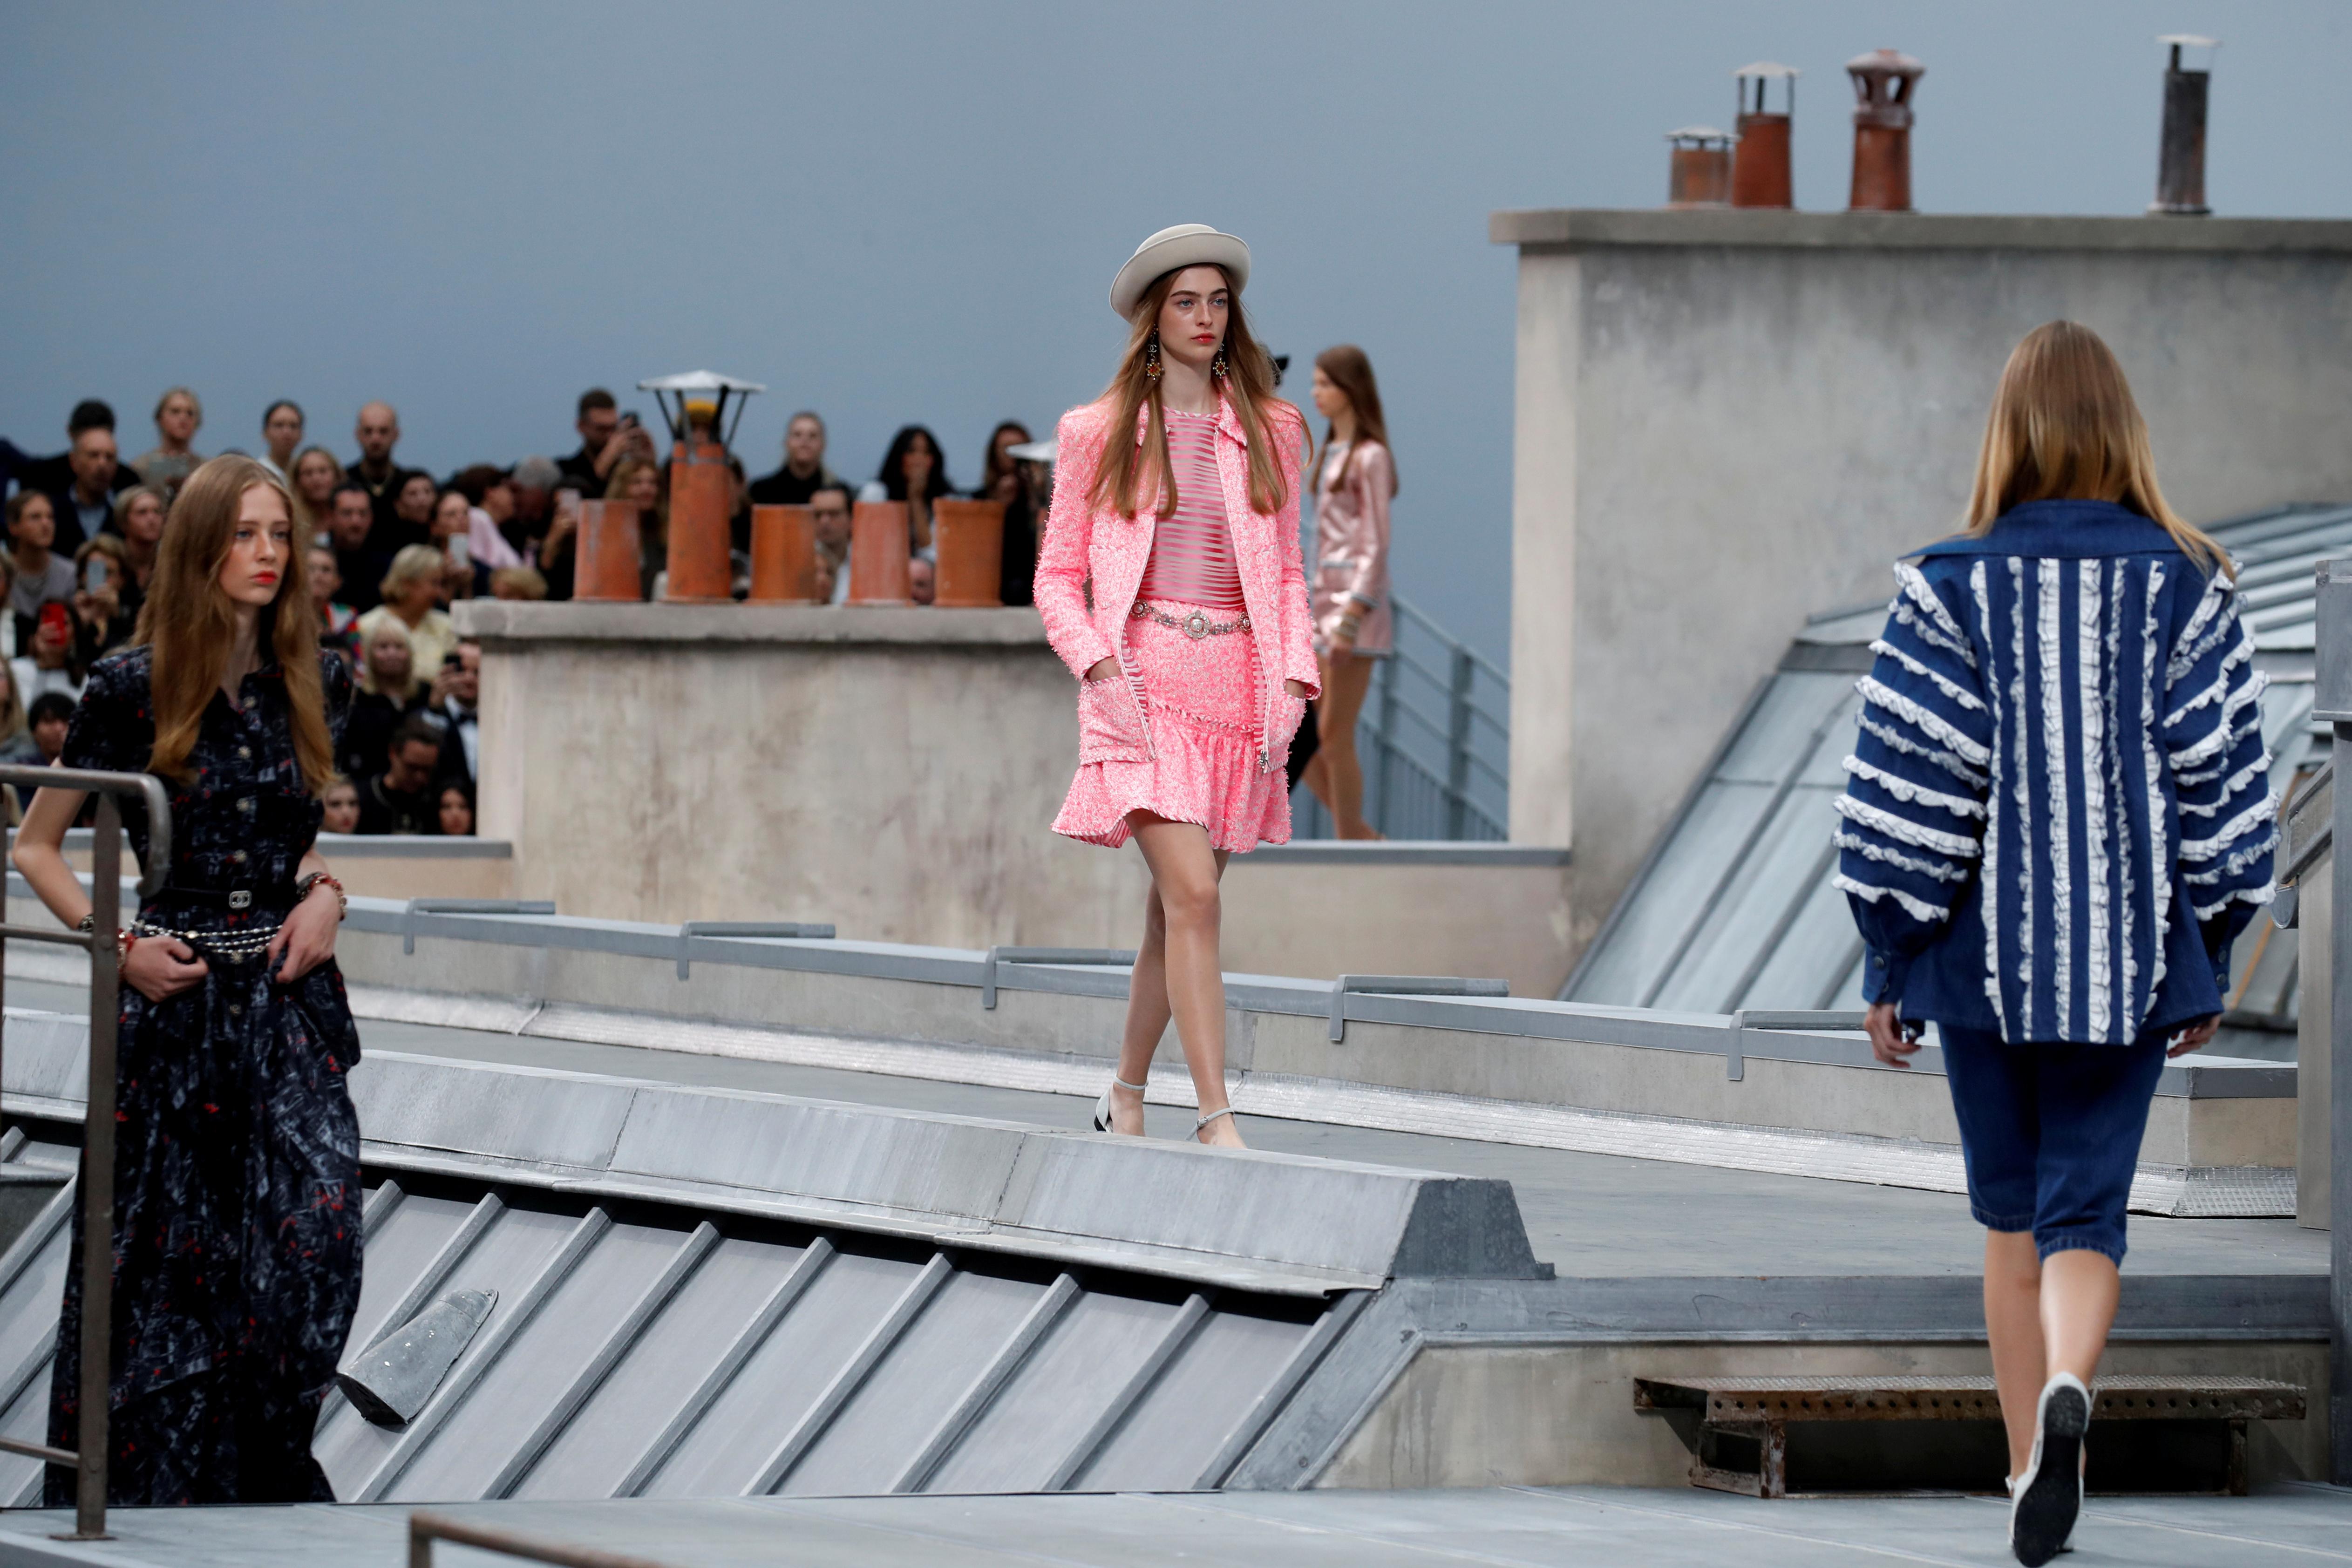 Νέα Υόρκη: Τον Σεπτέμβριο με αυστηρά μέτρα η Εβδομάδα Μόδας